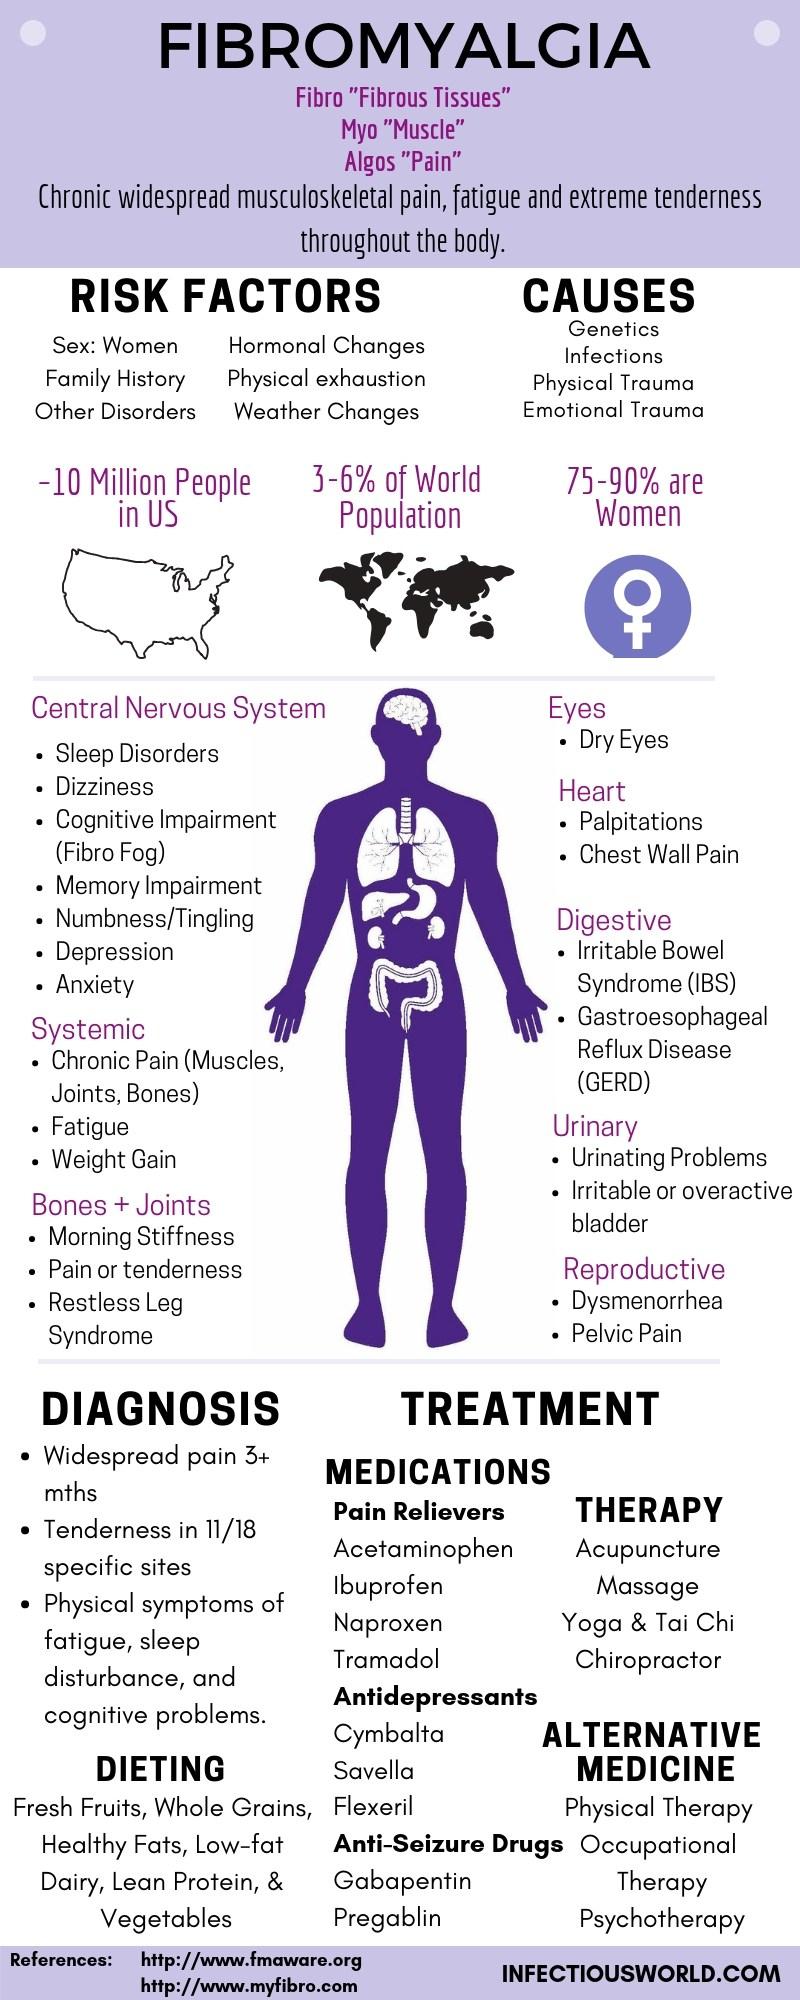 All about Fibromyalgia